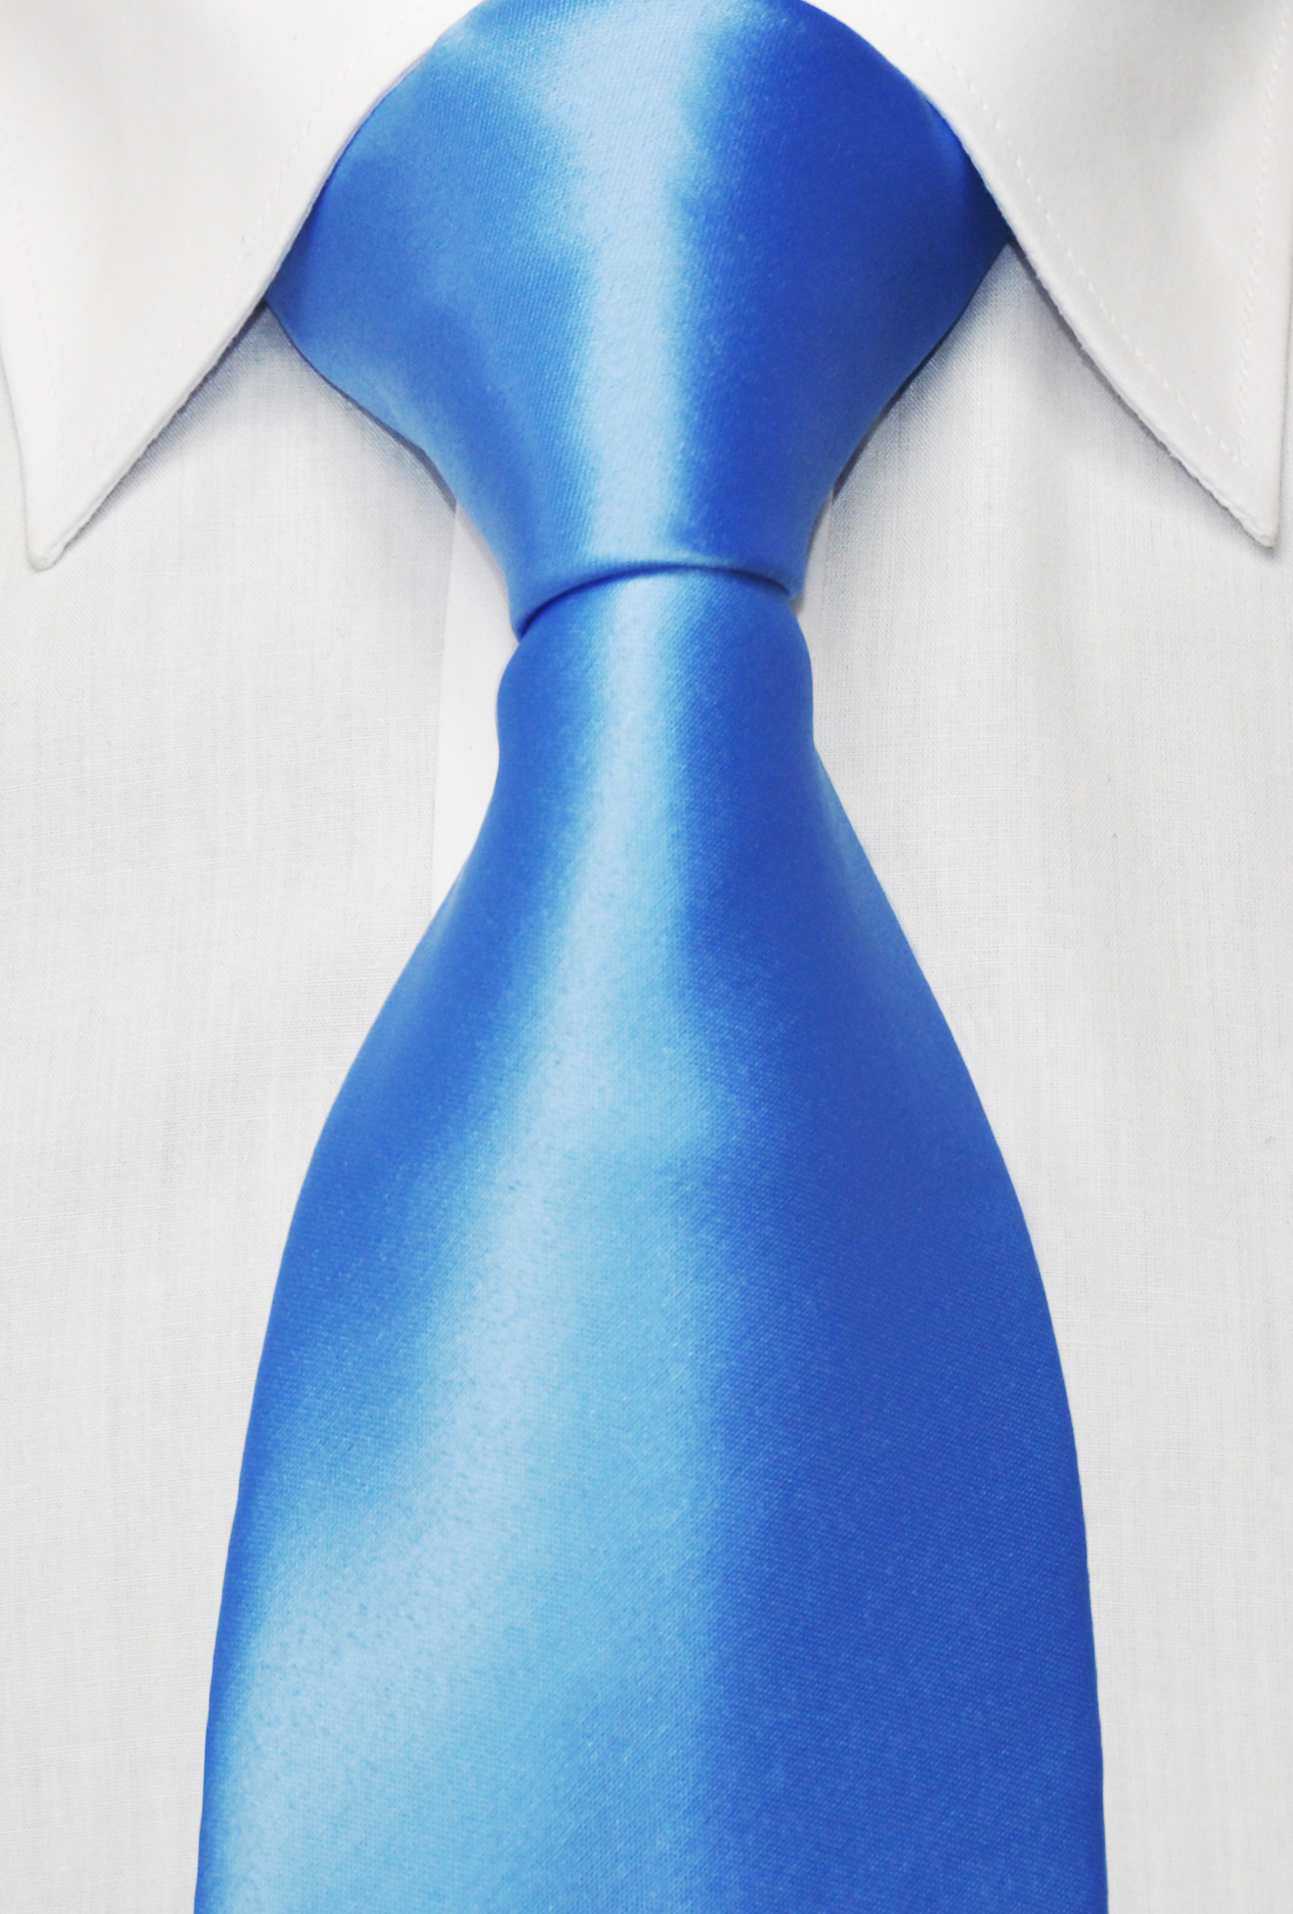 cornflower blue tie photo - 1